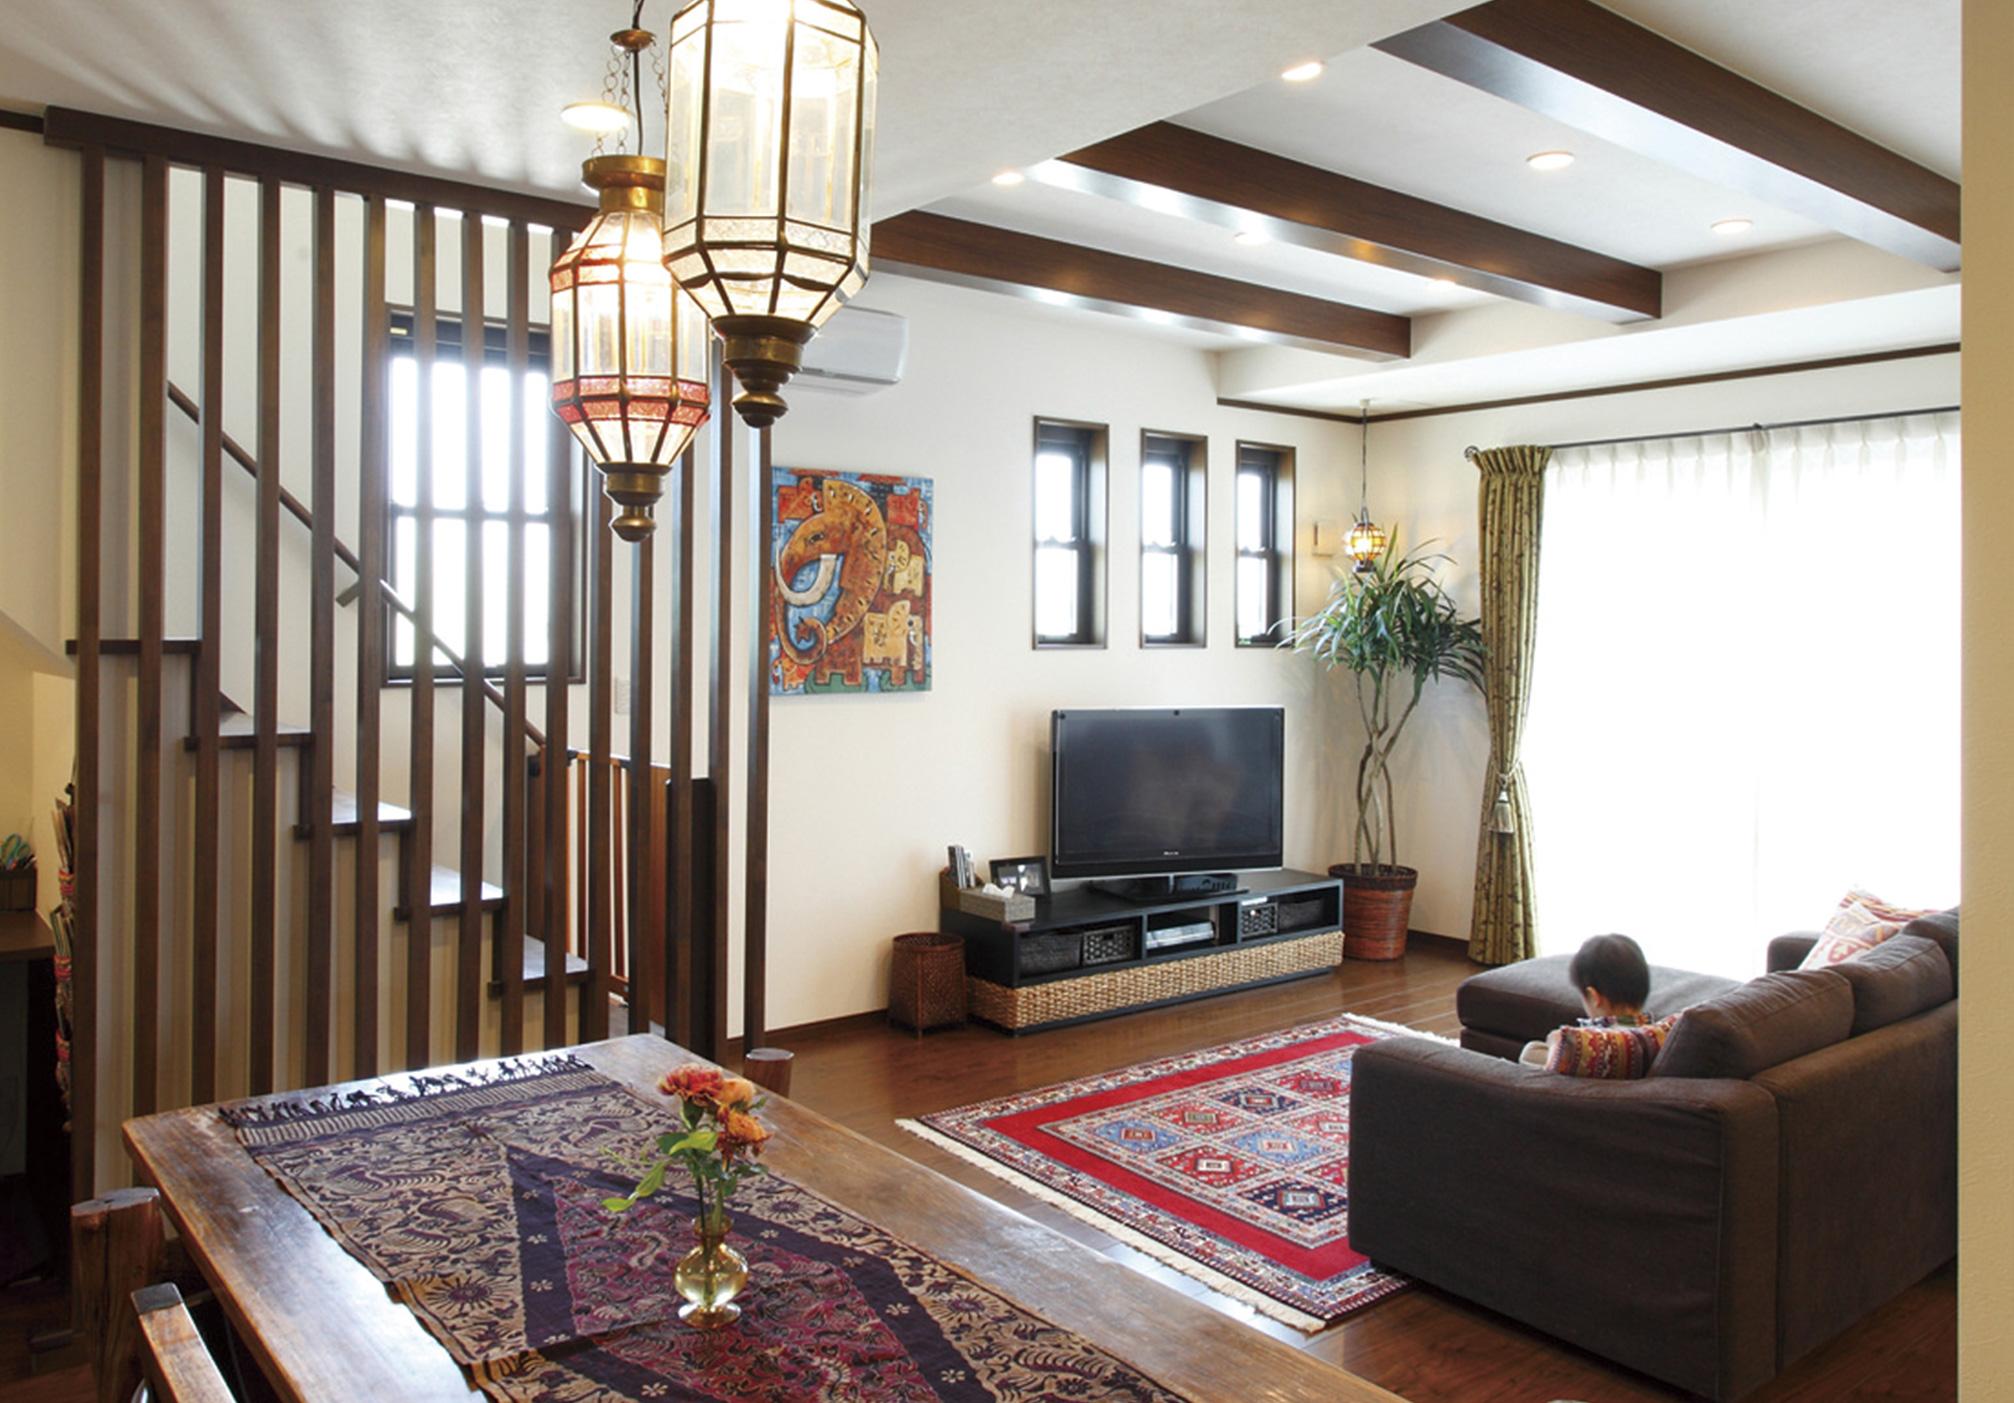 Yさんお気に入りの家具や雑貨、レトロなランプ型の照明などによりアジアンテイストにコーディネートされたリビング・ダイニング。折上天井や階段の格子も空間のアクセントに